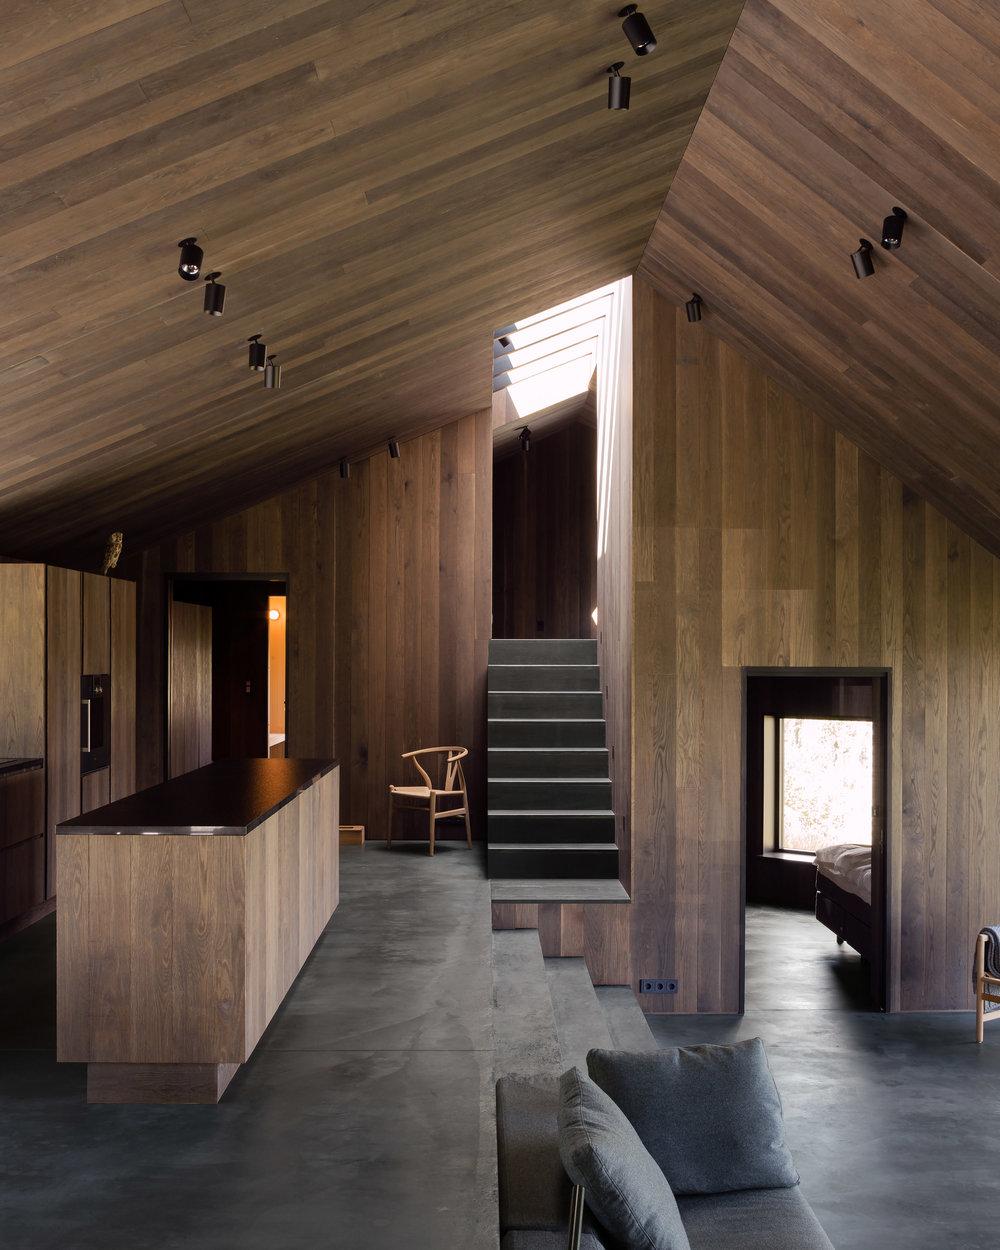 cabin-geilo-norway-lund-hagem-architecture-residential_dezeen_2364_col_2.jpg